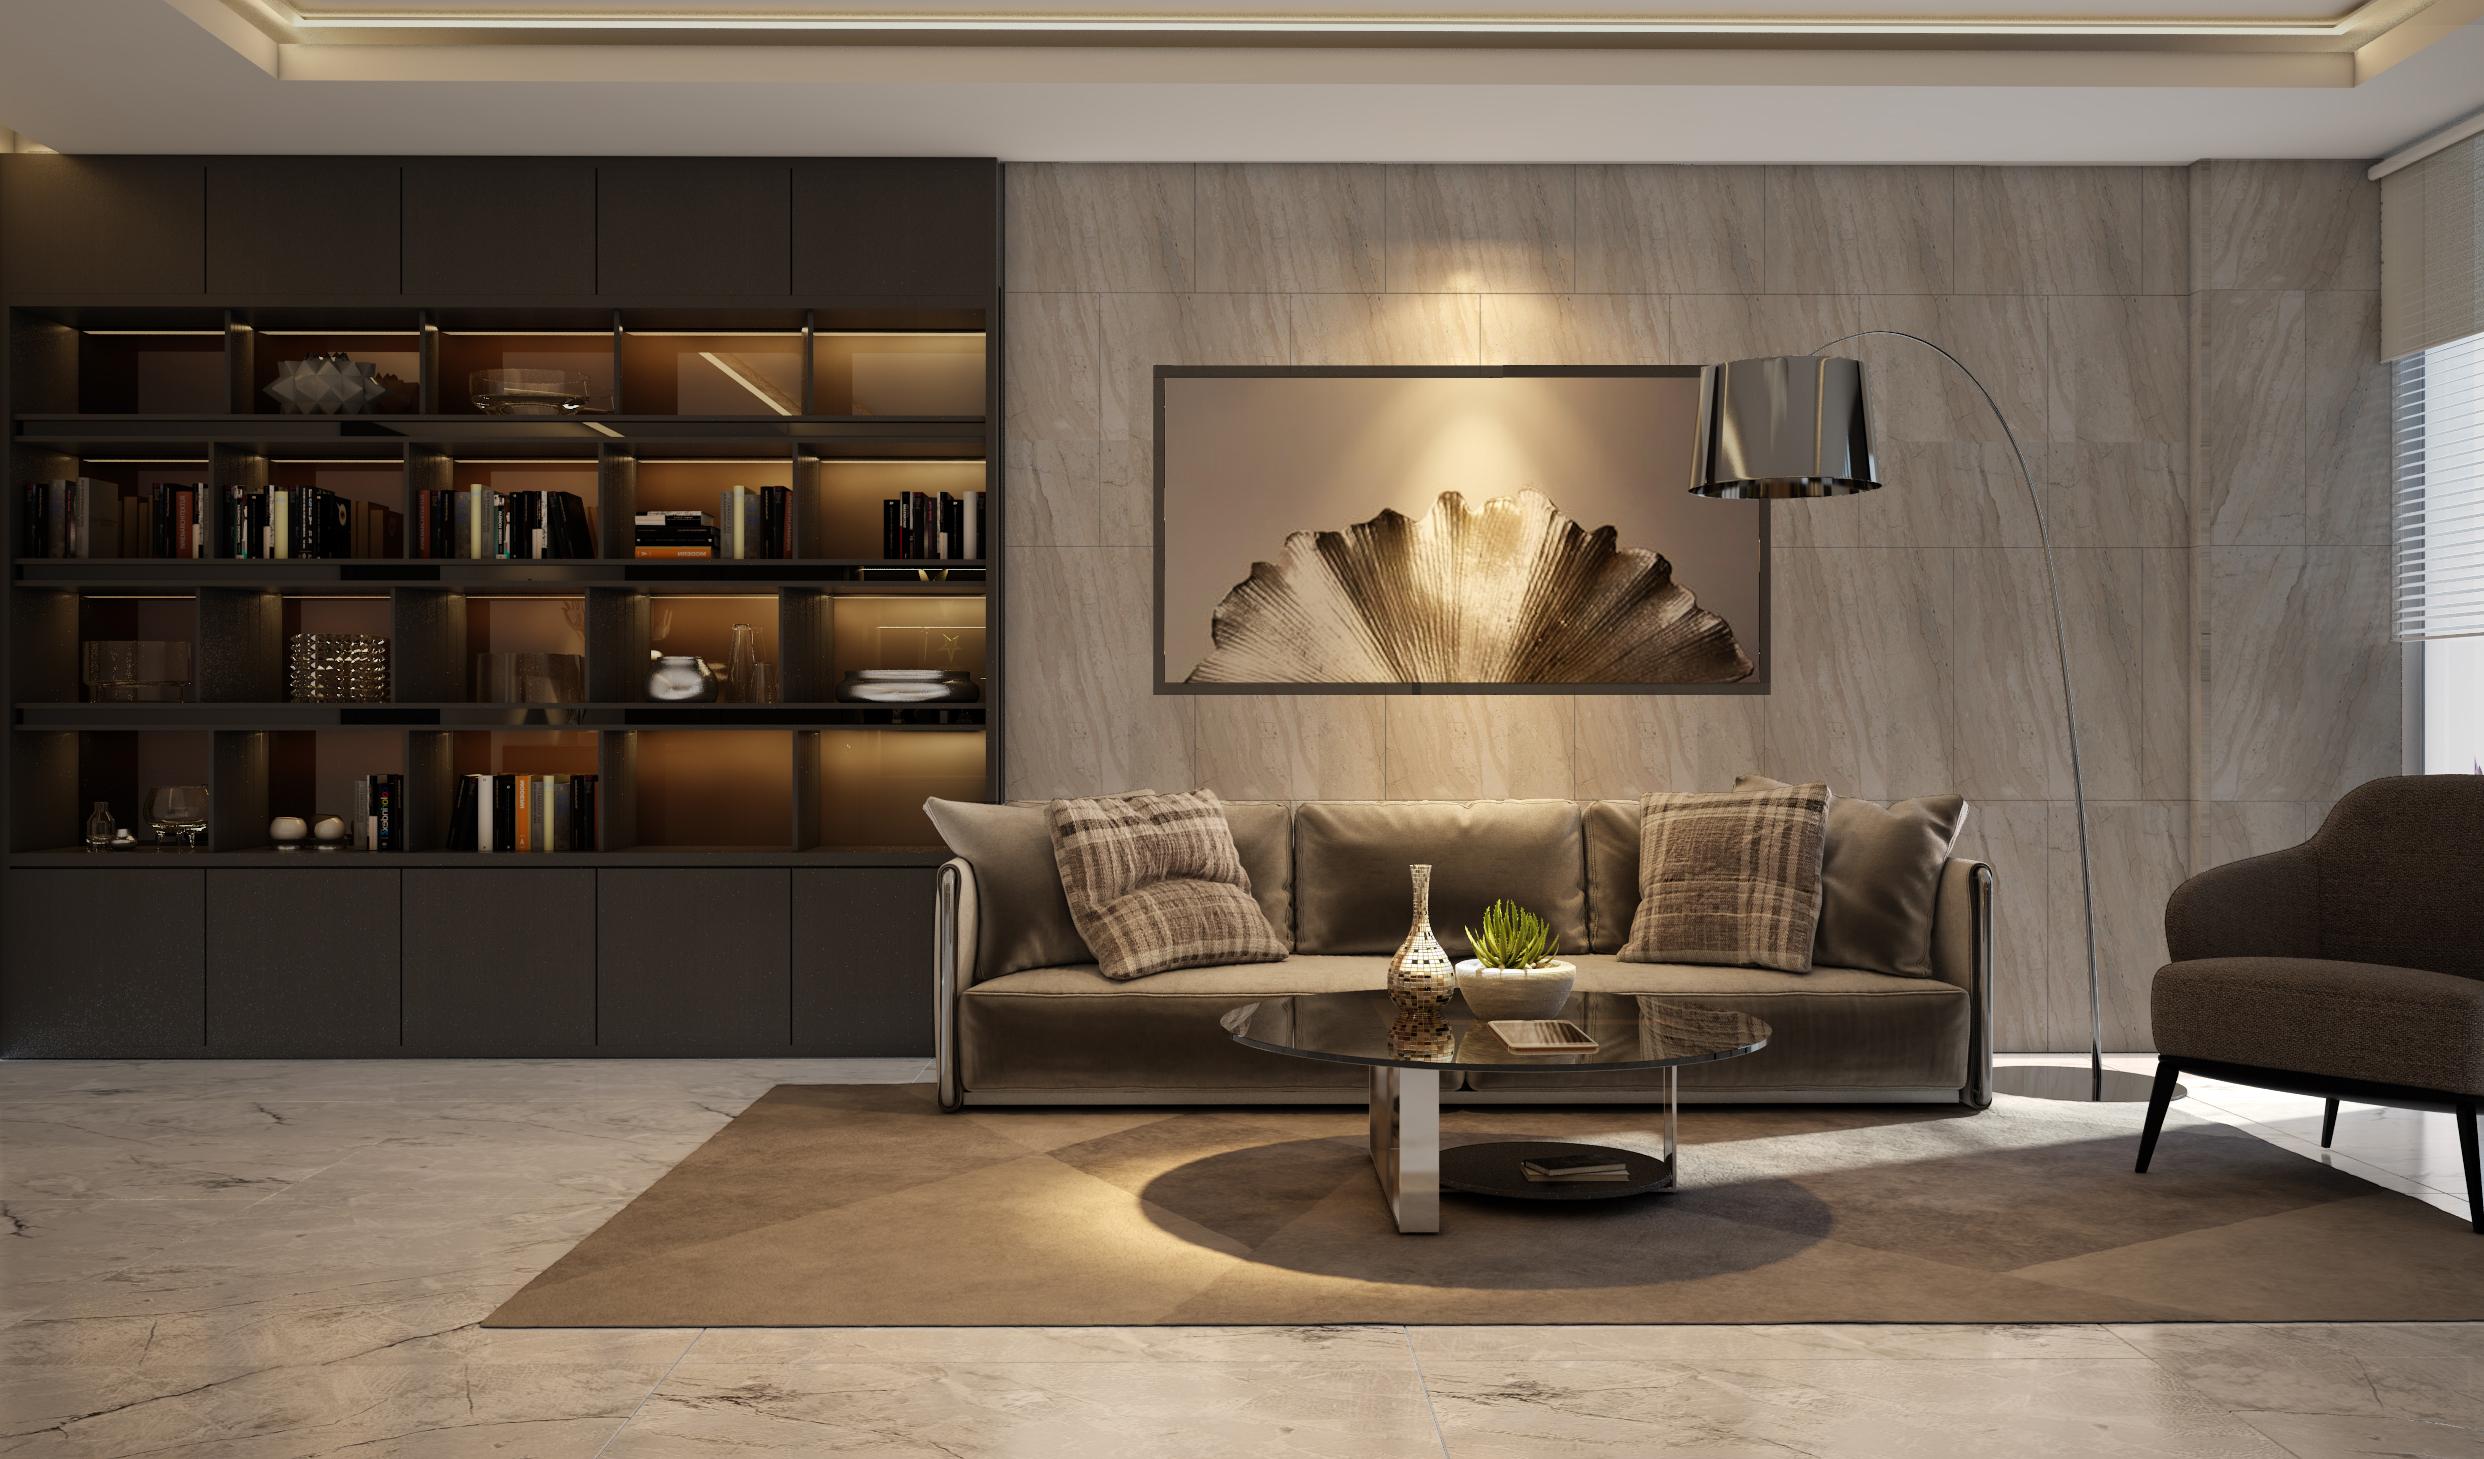 thiết kế nội thất Văn Phòng tại Hồ Chí Minh ASIA TRADE TOWER 3 1548399476